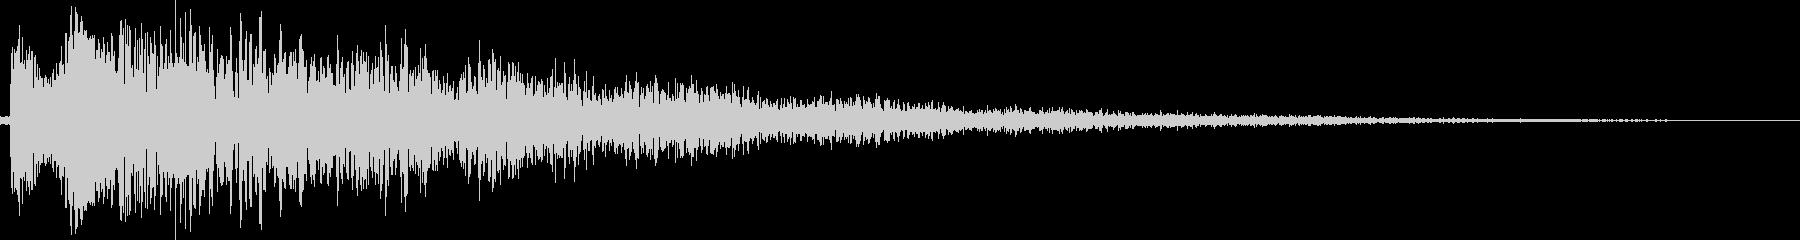 シャララーン(下がる、タイトル、ME)の未再生の波形